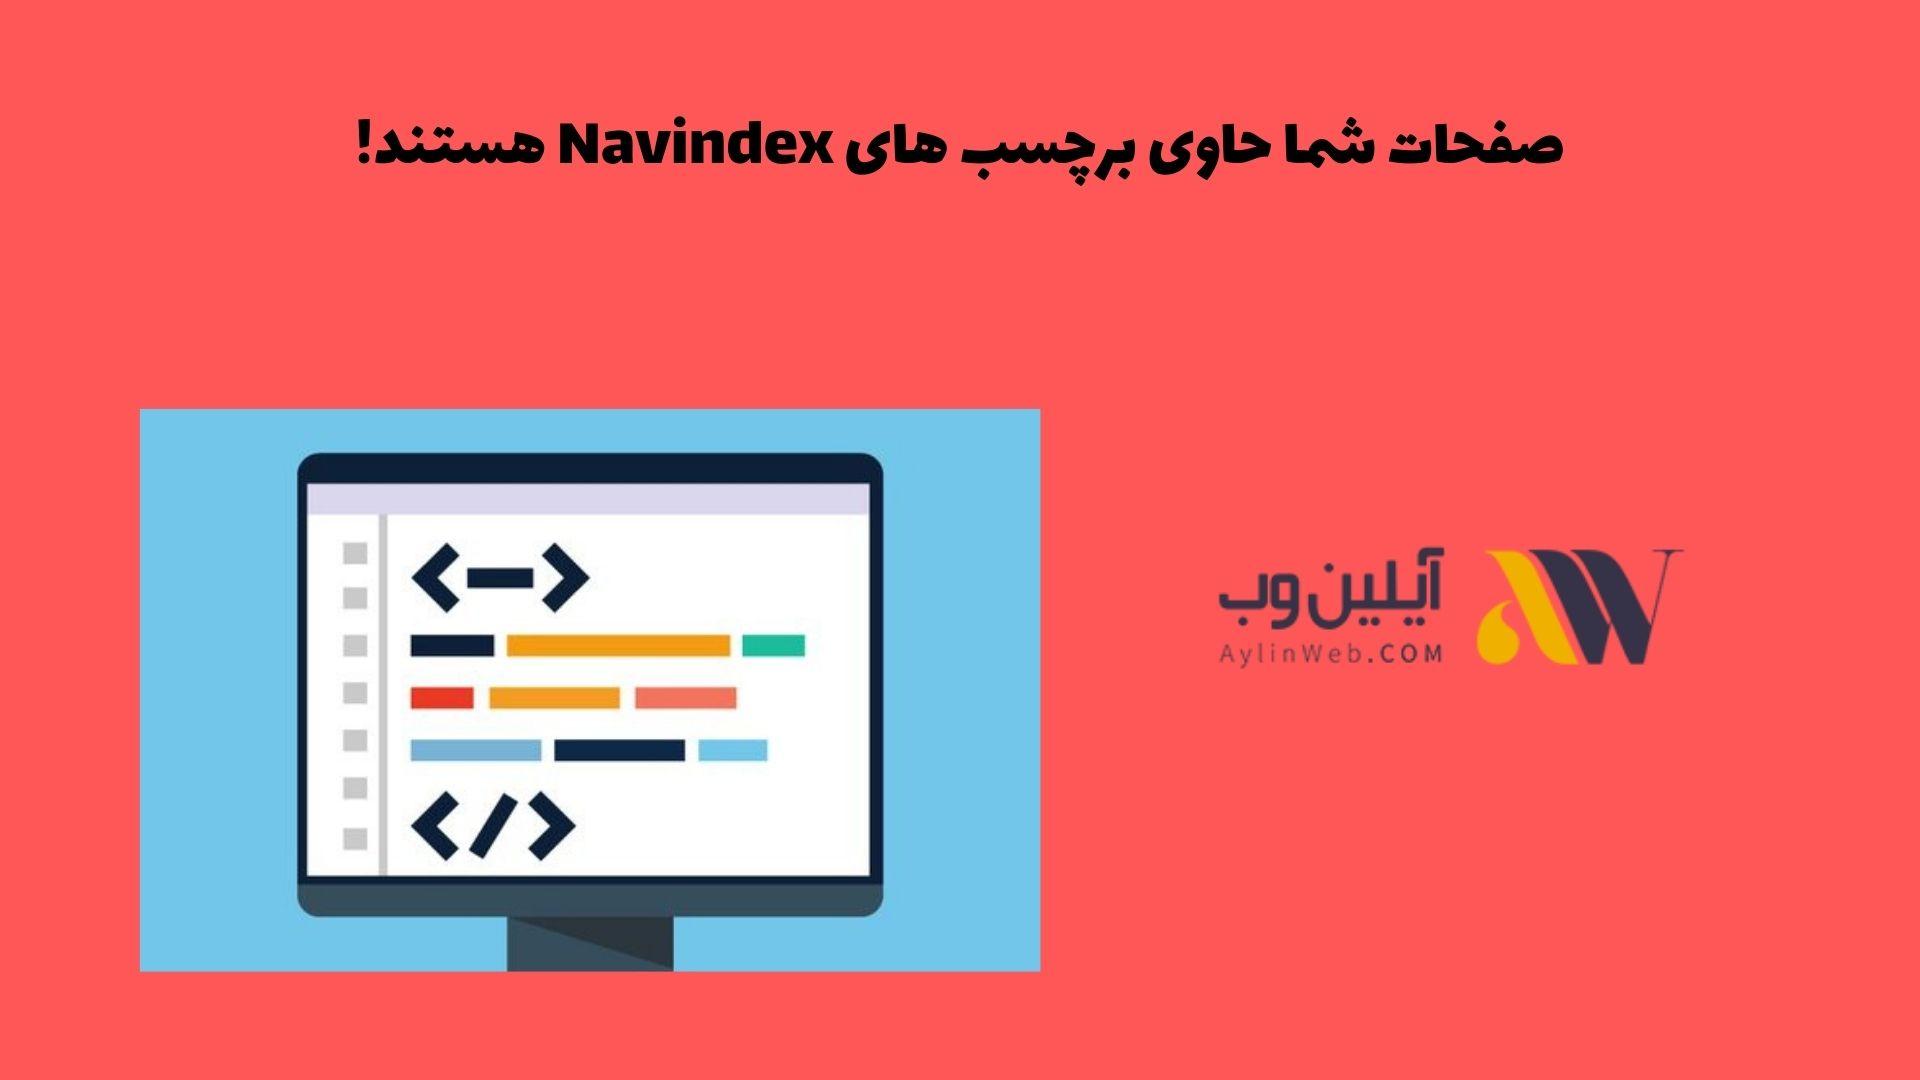 صفحات شما حاوی برچسب های Navindex هستند!